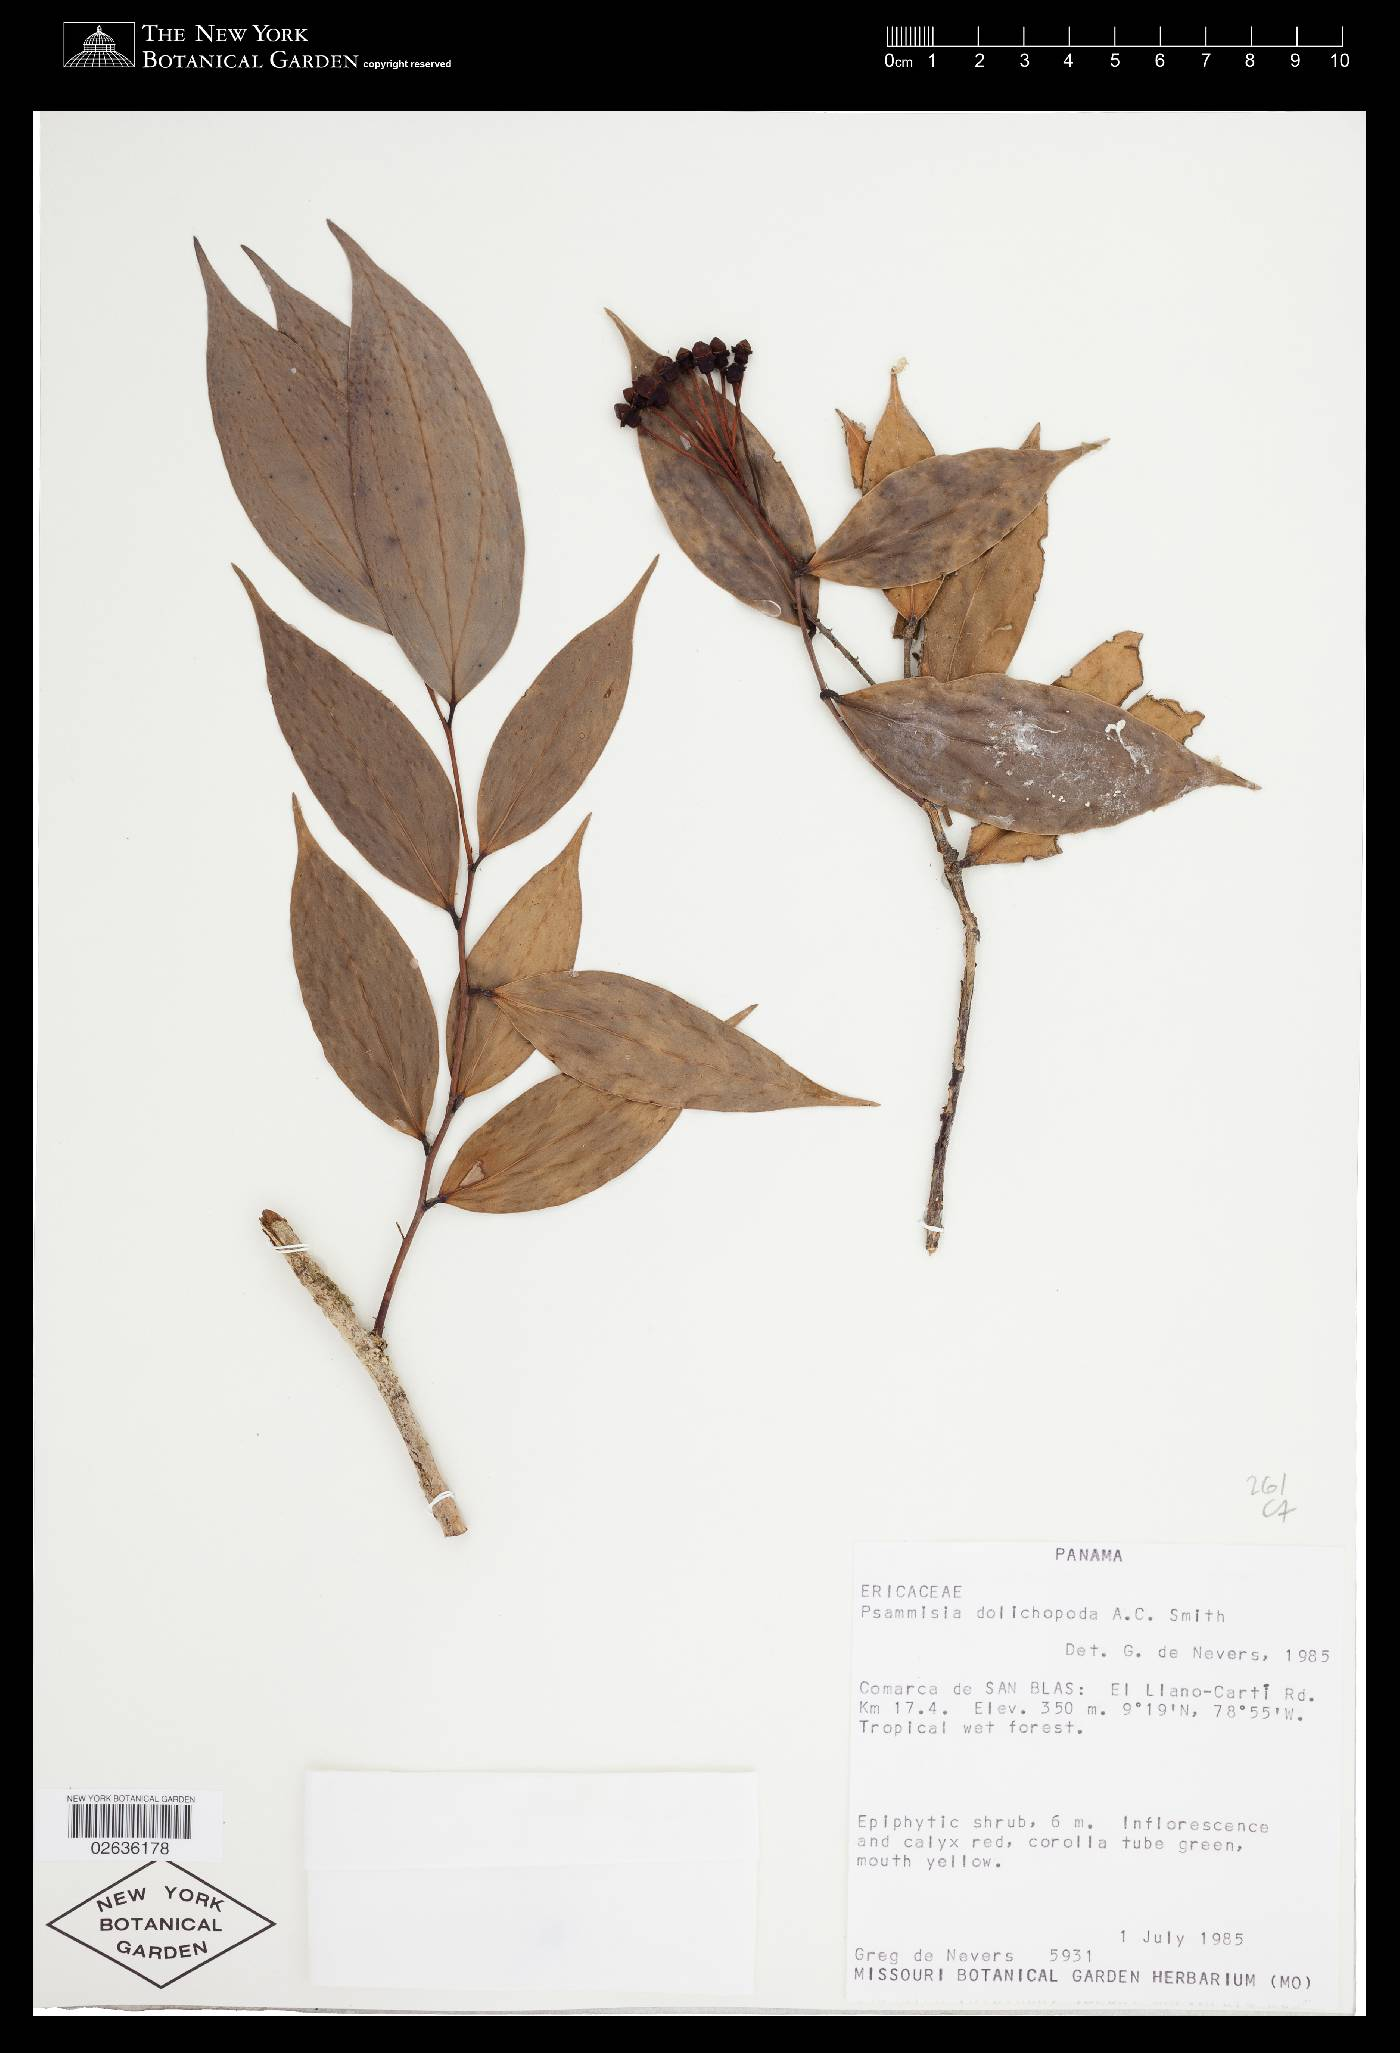 Psammisia dolichopoda image